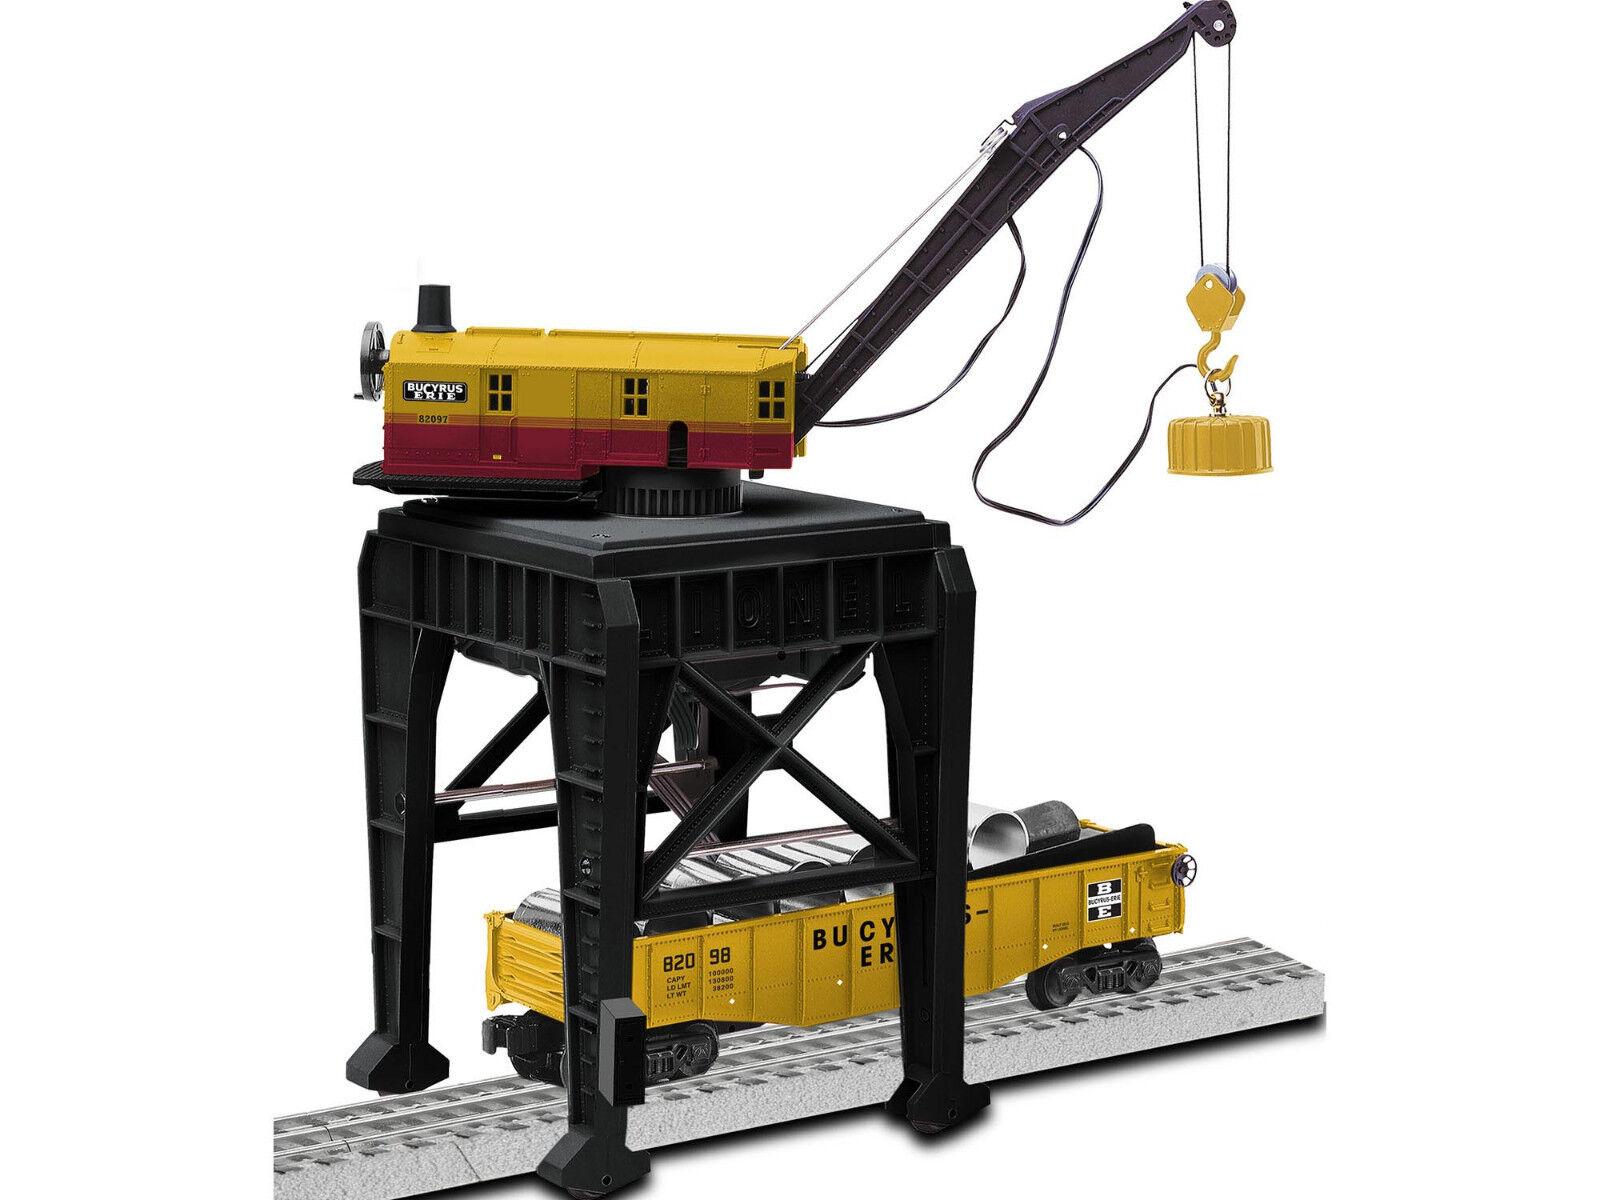 Lionel Bucyrus -Erie Gantry Crane